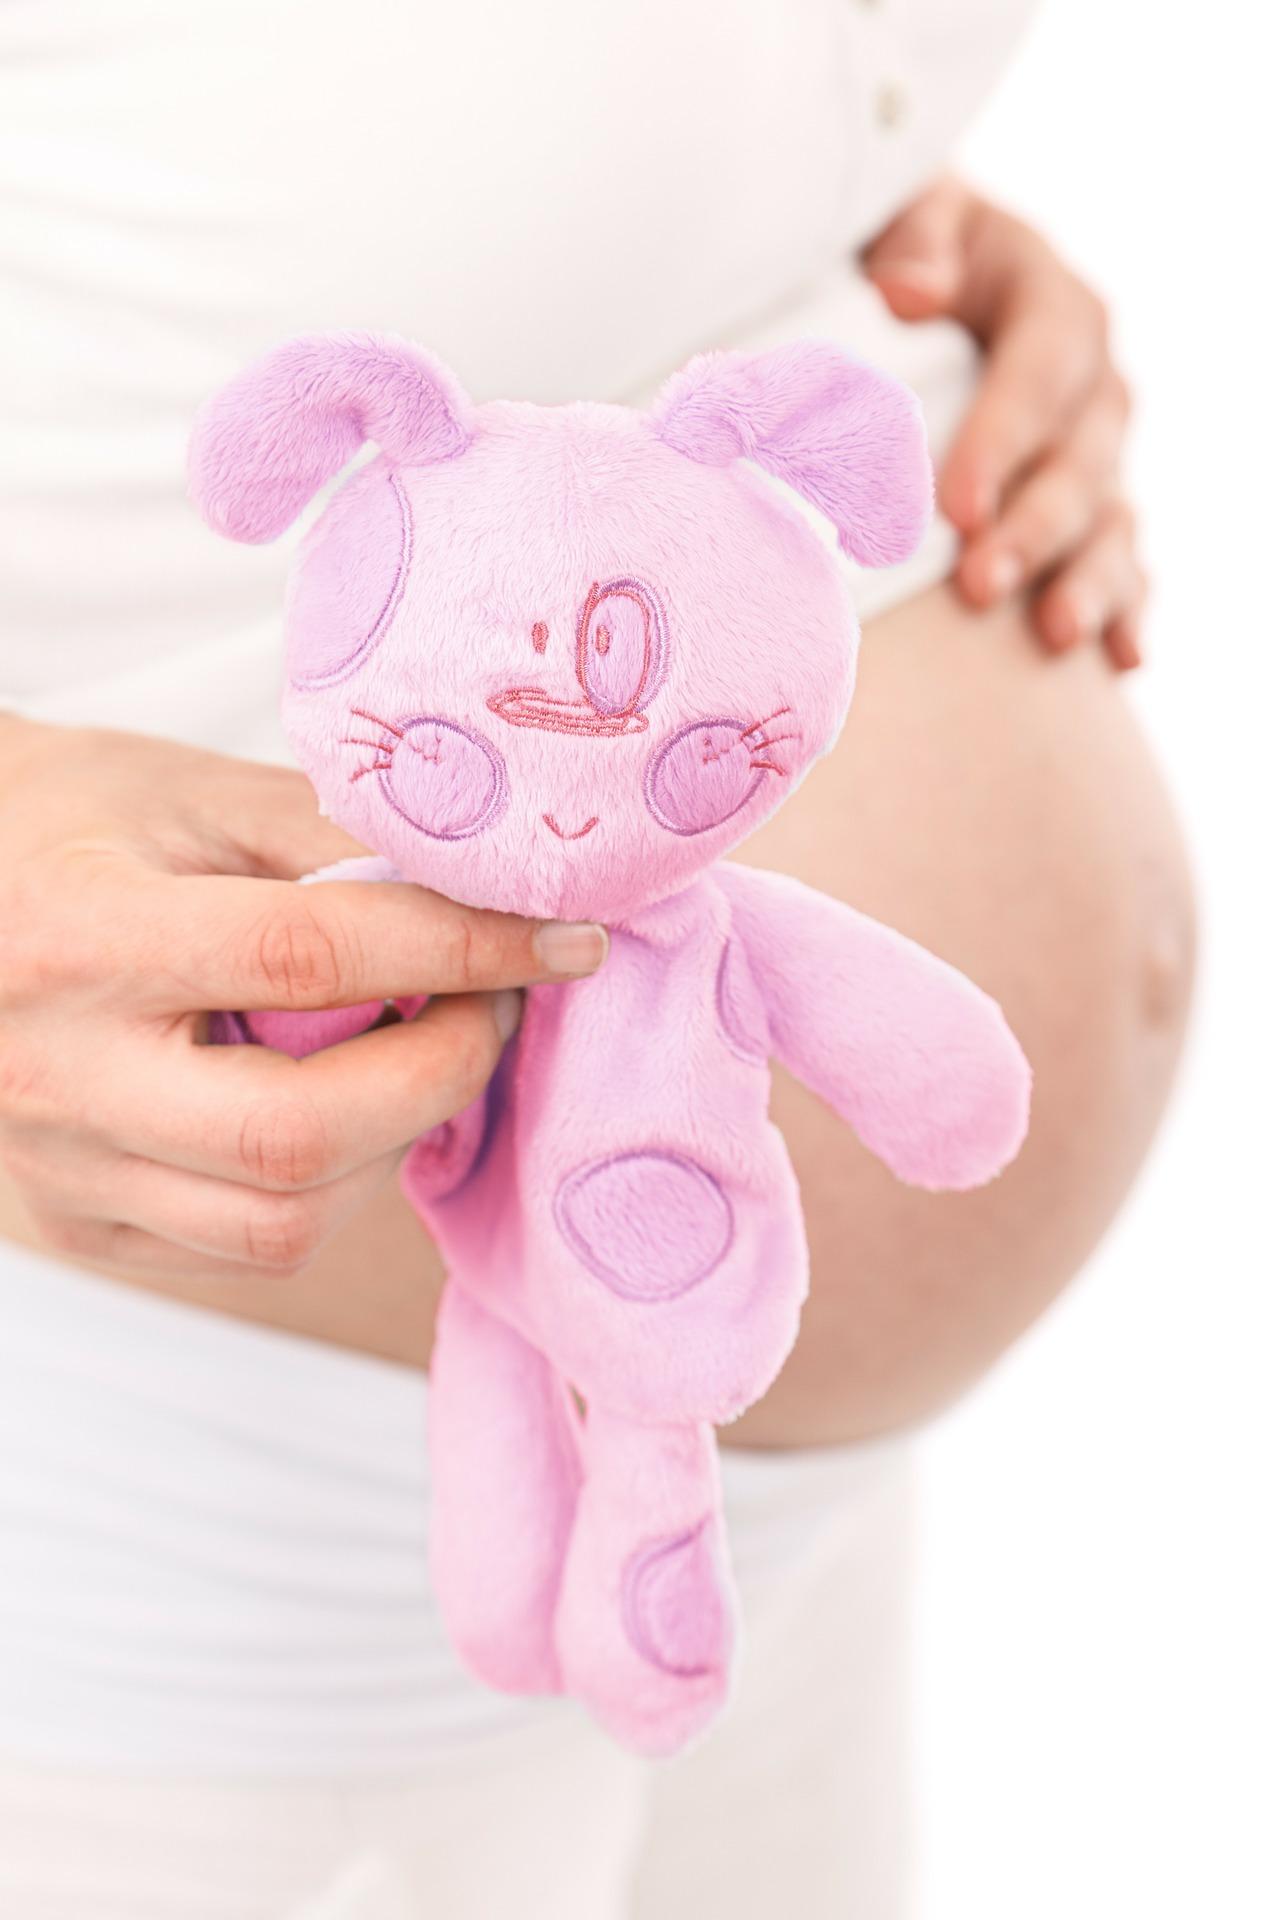 Schwangerschaft und omega-3 Fettsäuren EPA DHA